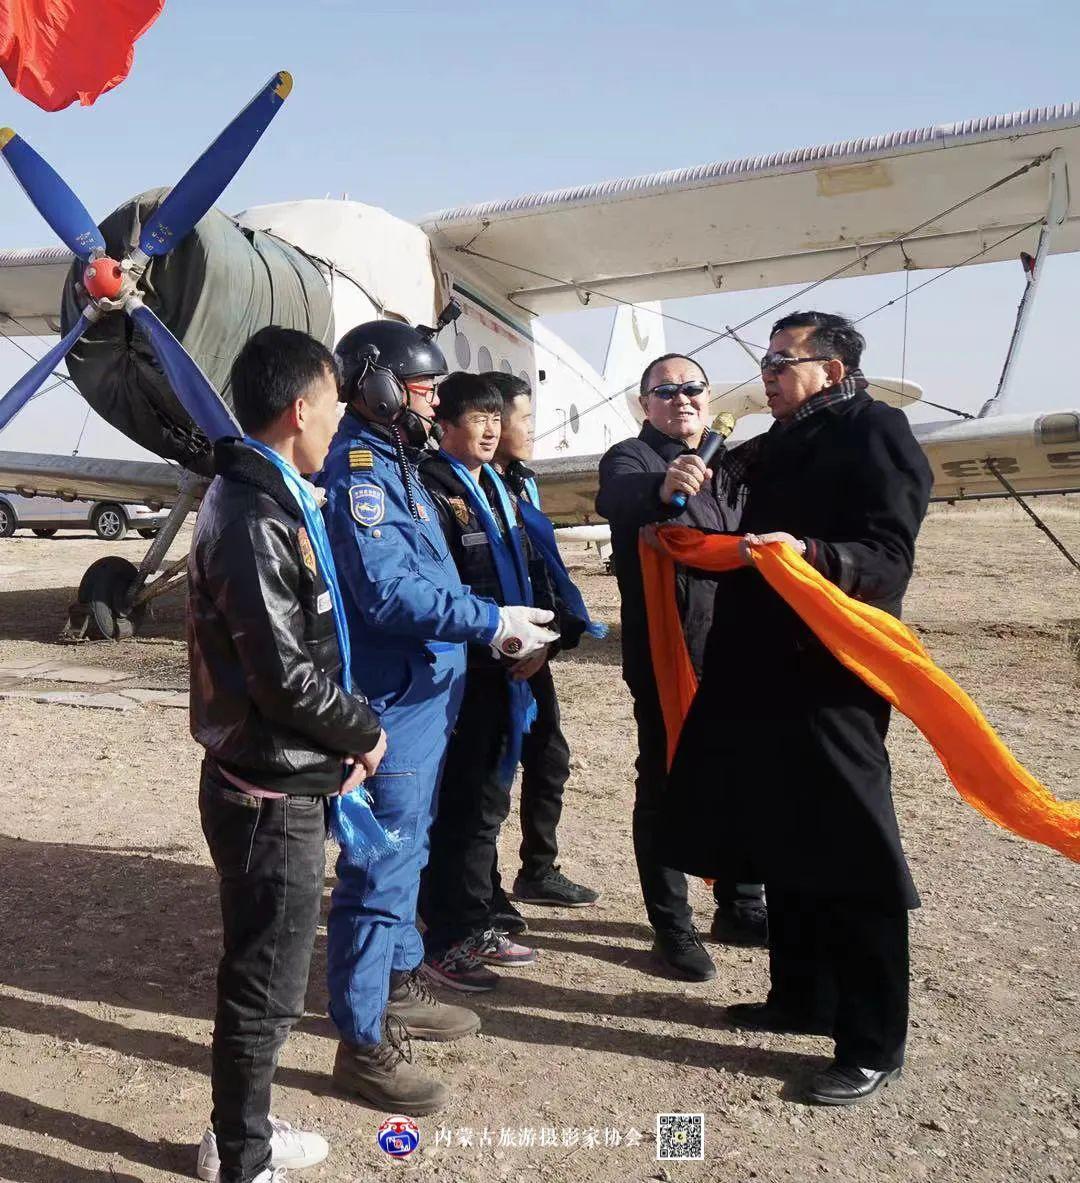 豪气难掩,志在蓝天——记我区著名蒙古族航空摄影家诺敏·何 第48张 豪气难掩,志在蓝天——记我区著名蒙古族航空摄影家诺敏·何 蒙古文化